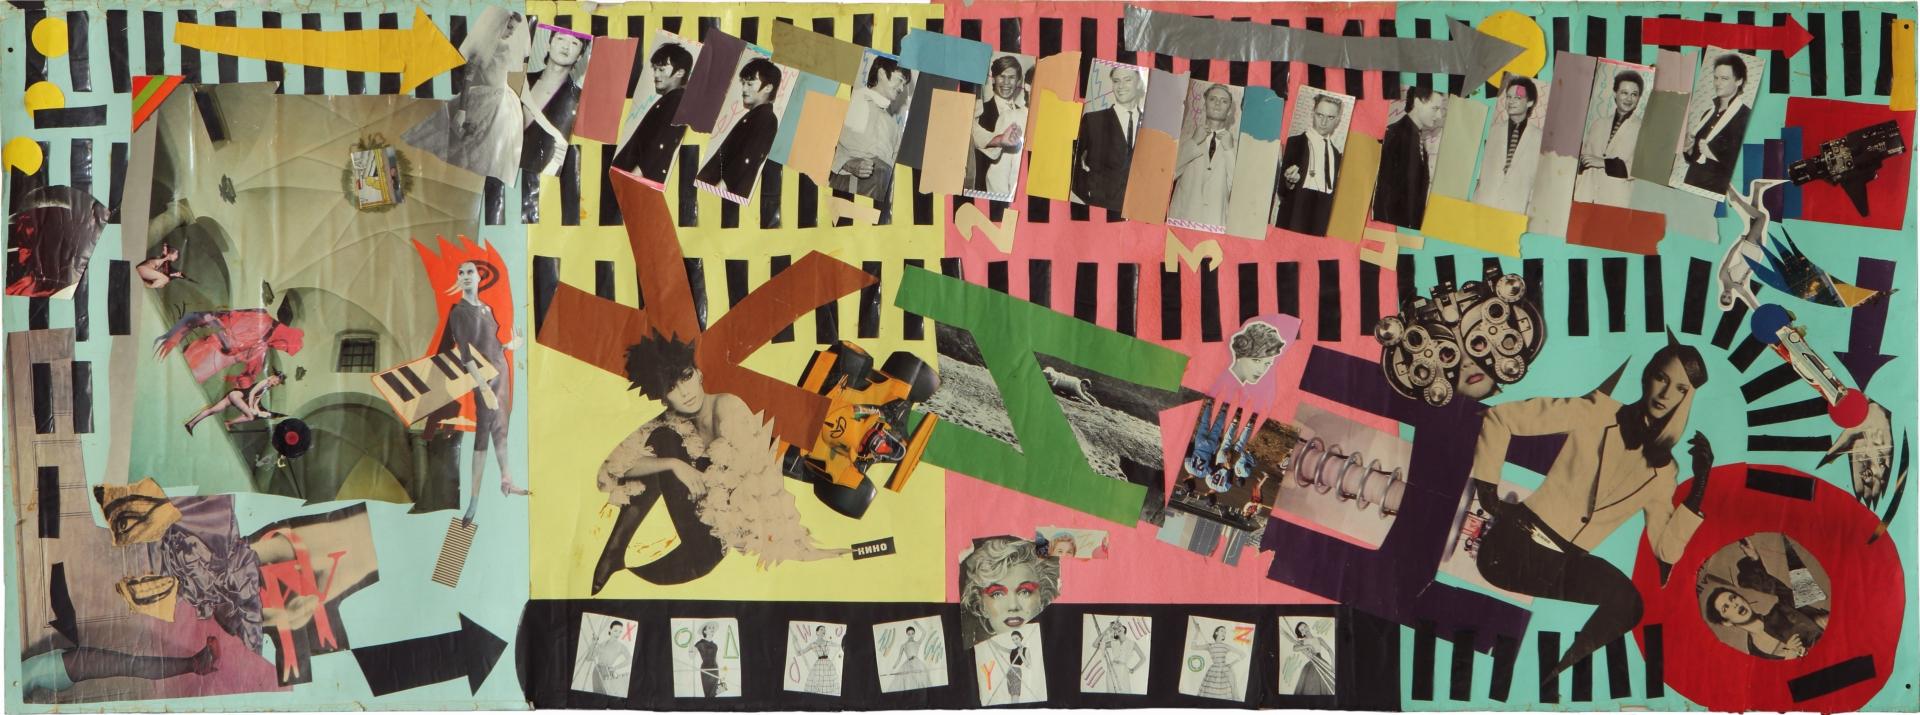 Jewgienij E-E Kozłow, KINO, technika mieszana, kolaż ze zdjęciami z sesji na potrzeby okładki albumu zespołu KINO Naczalnik Kamczatki (Operator kotłowni), 80 x 225 cm, 1985, kolekcja artysty